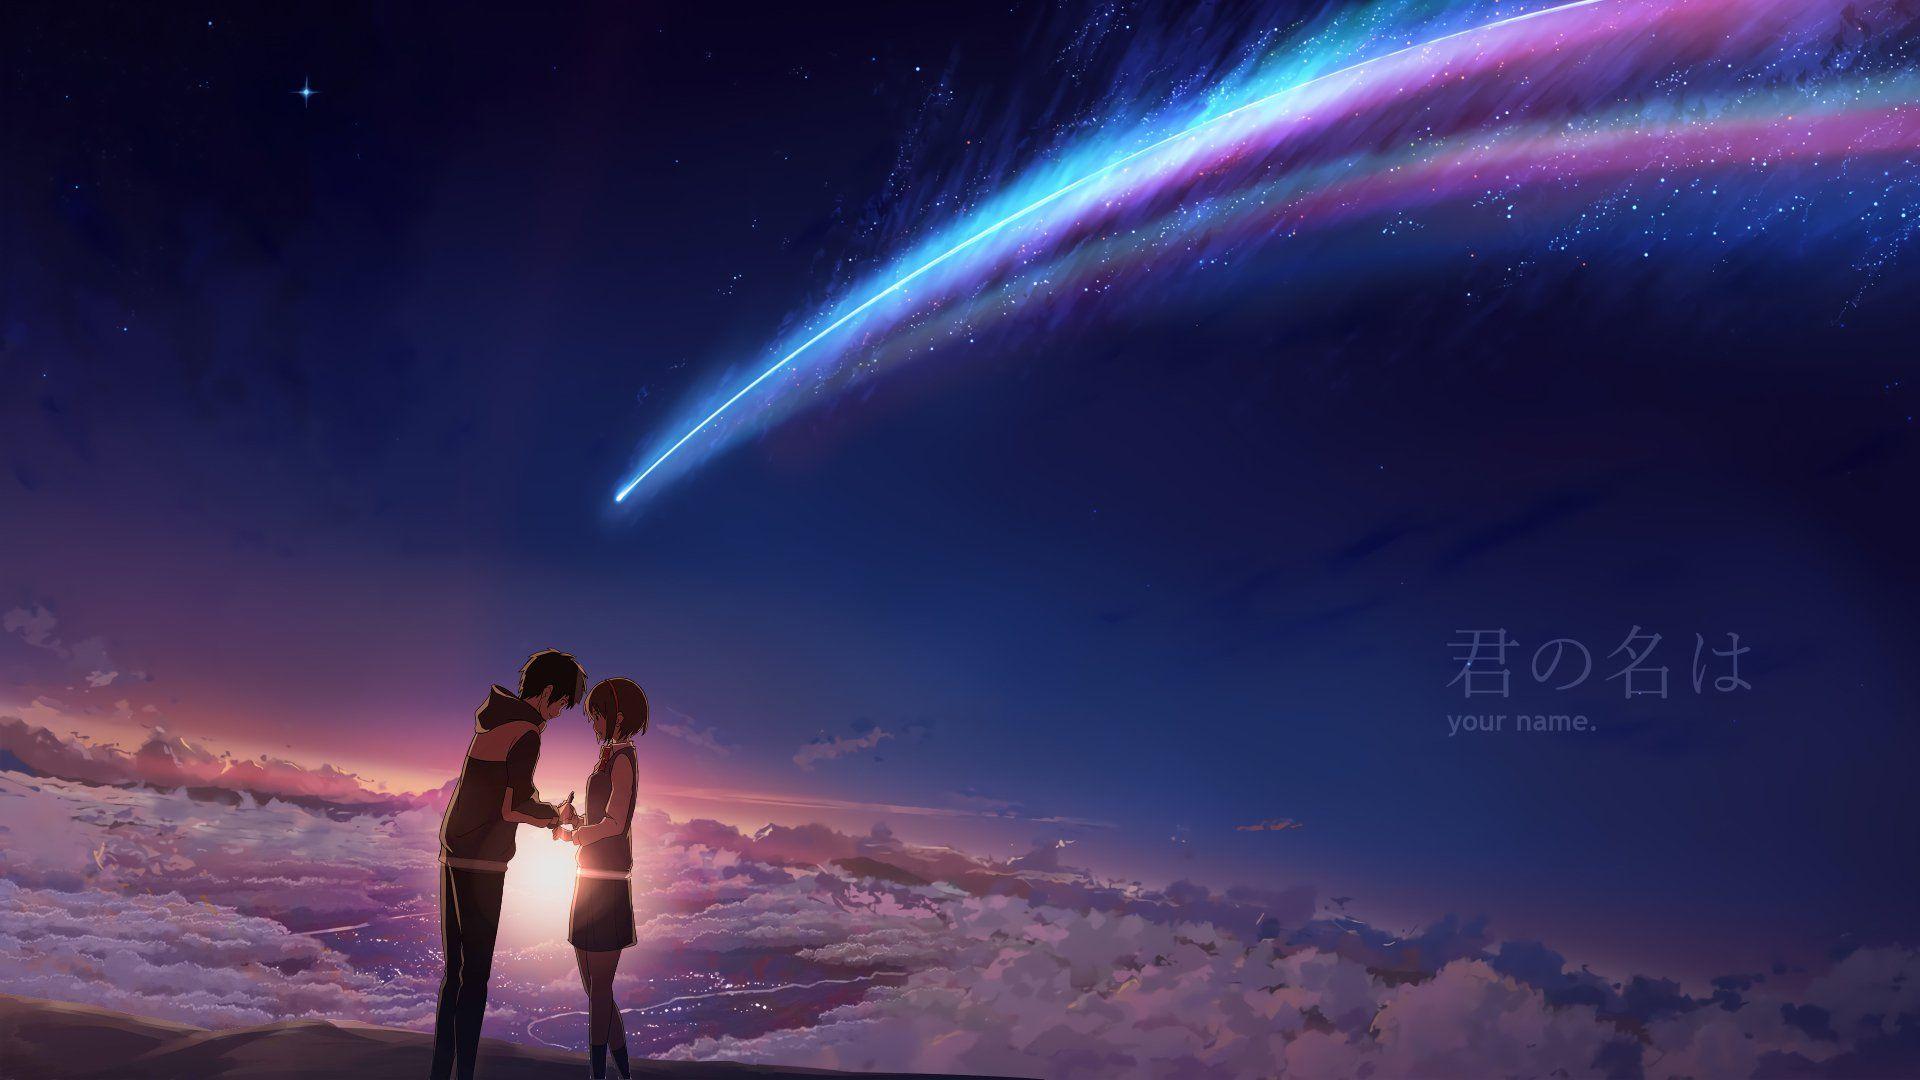 Anime Your Name Mitsuha Miyamizu Taki Tachibana Kimi No Na Wa 1920x1080